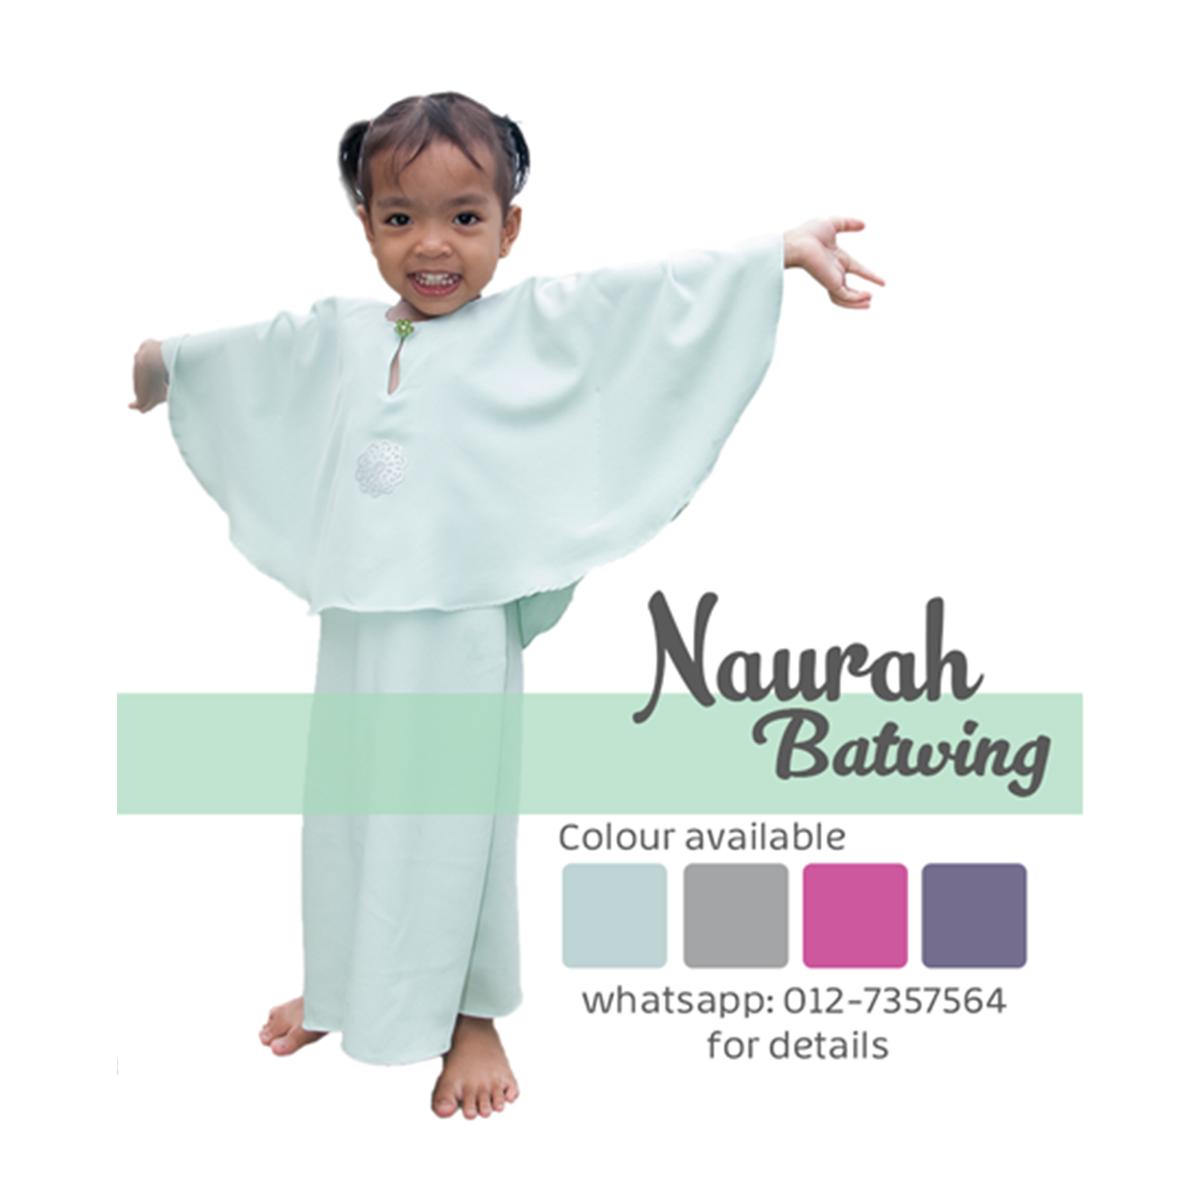 Naurah Batwing